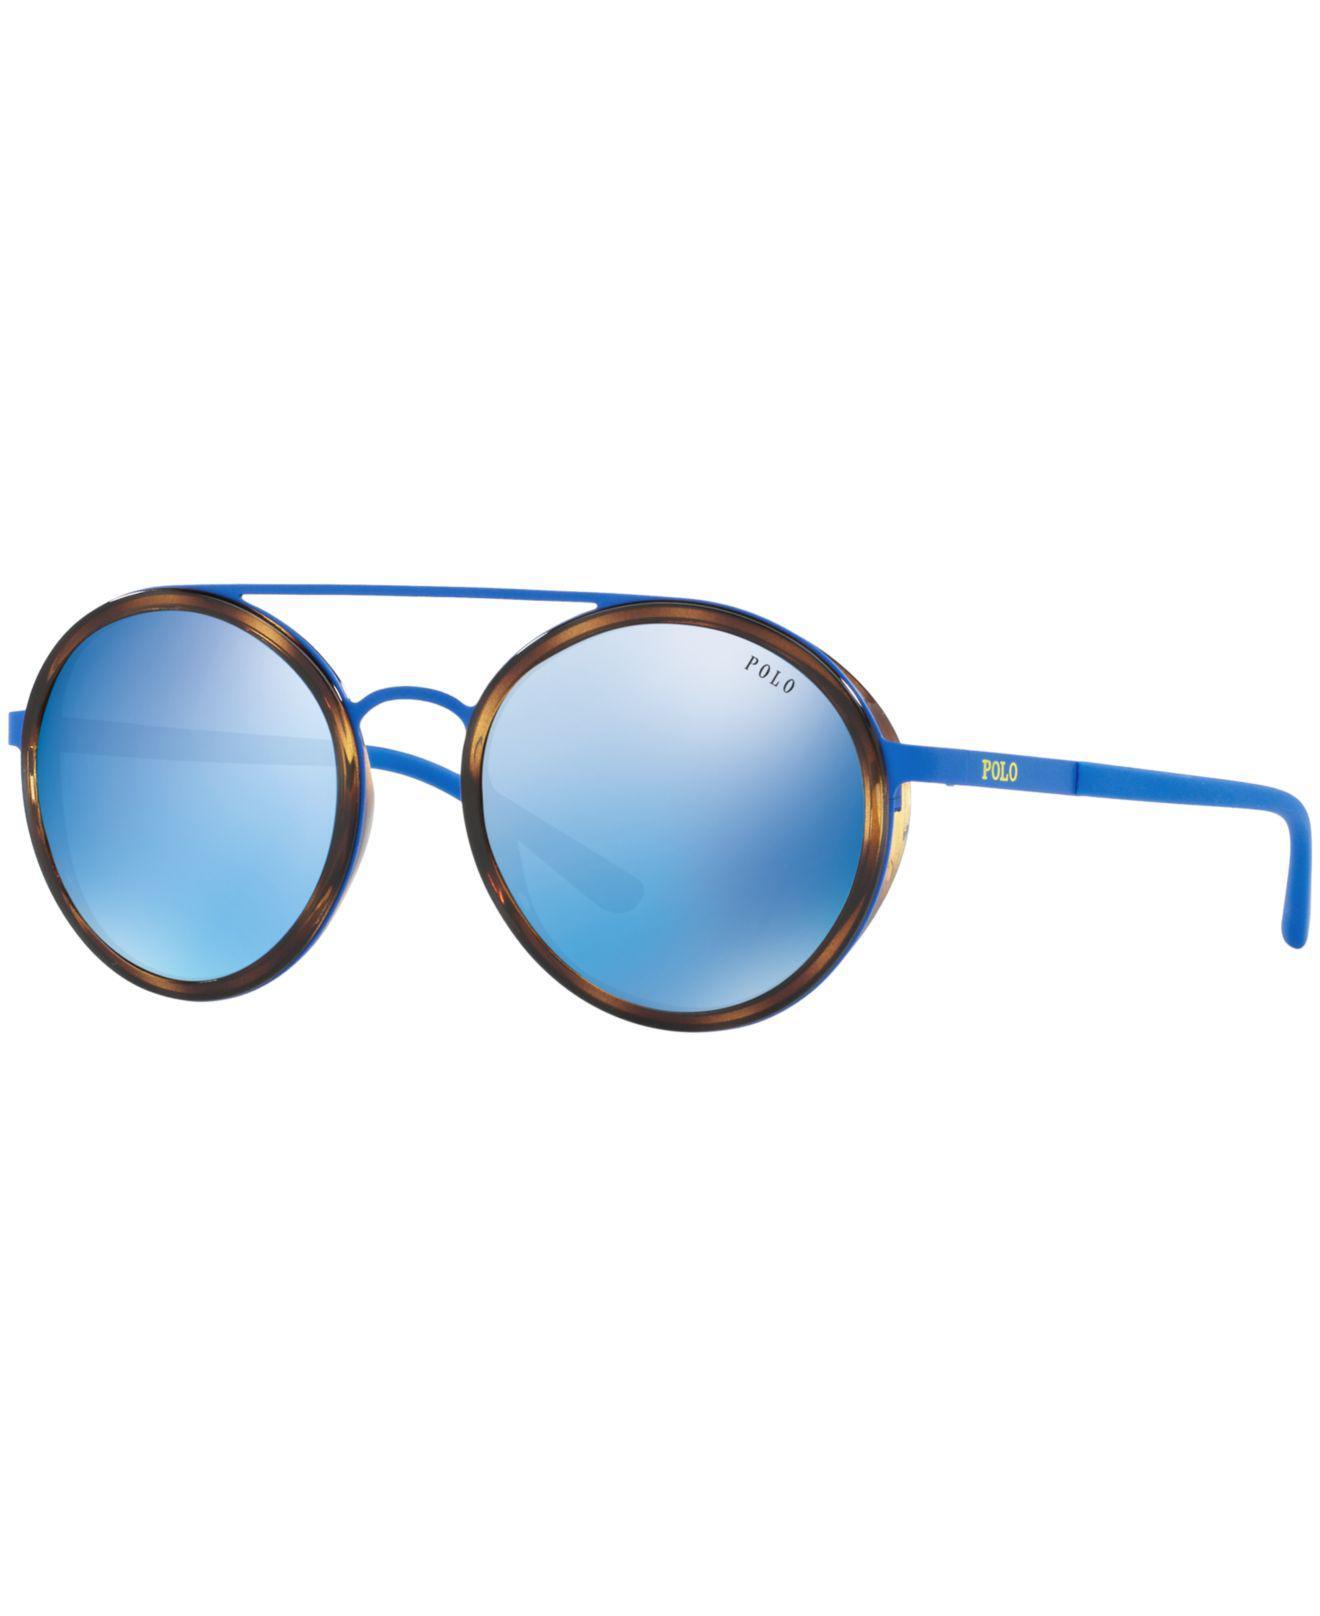 aacab37e9a Polo Ralph Lauren. Women s Blue Sunglasses ...